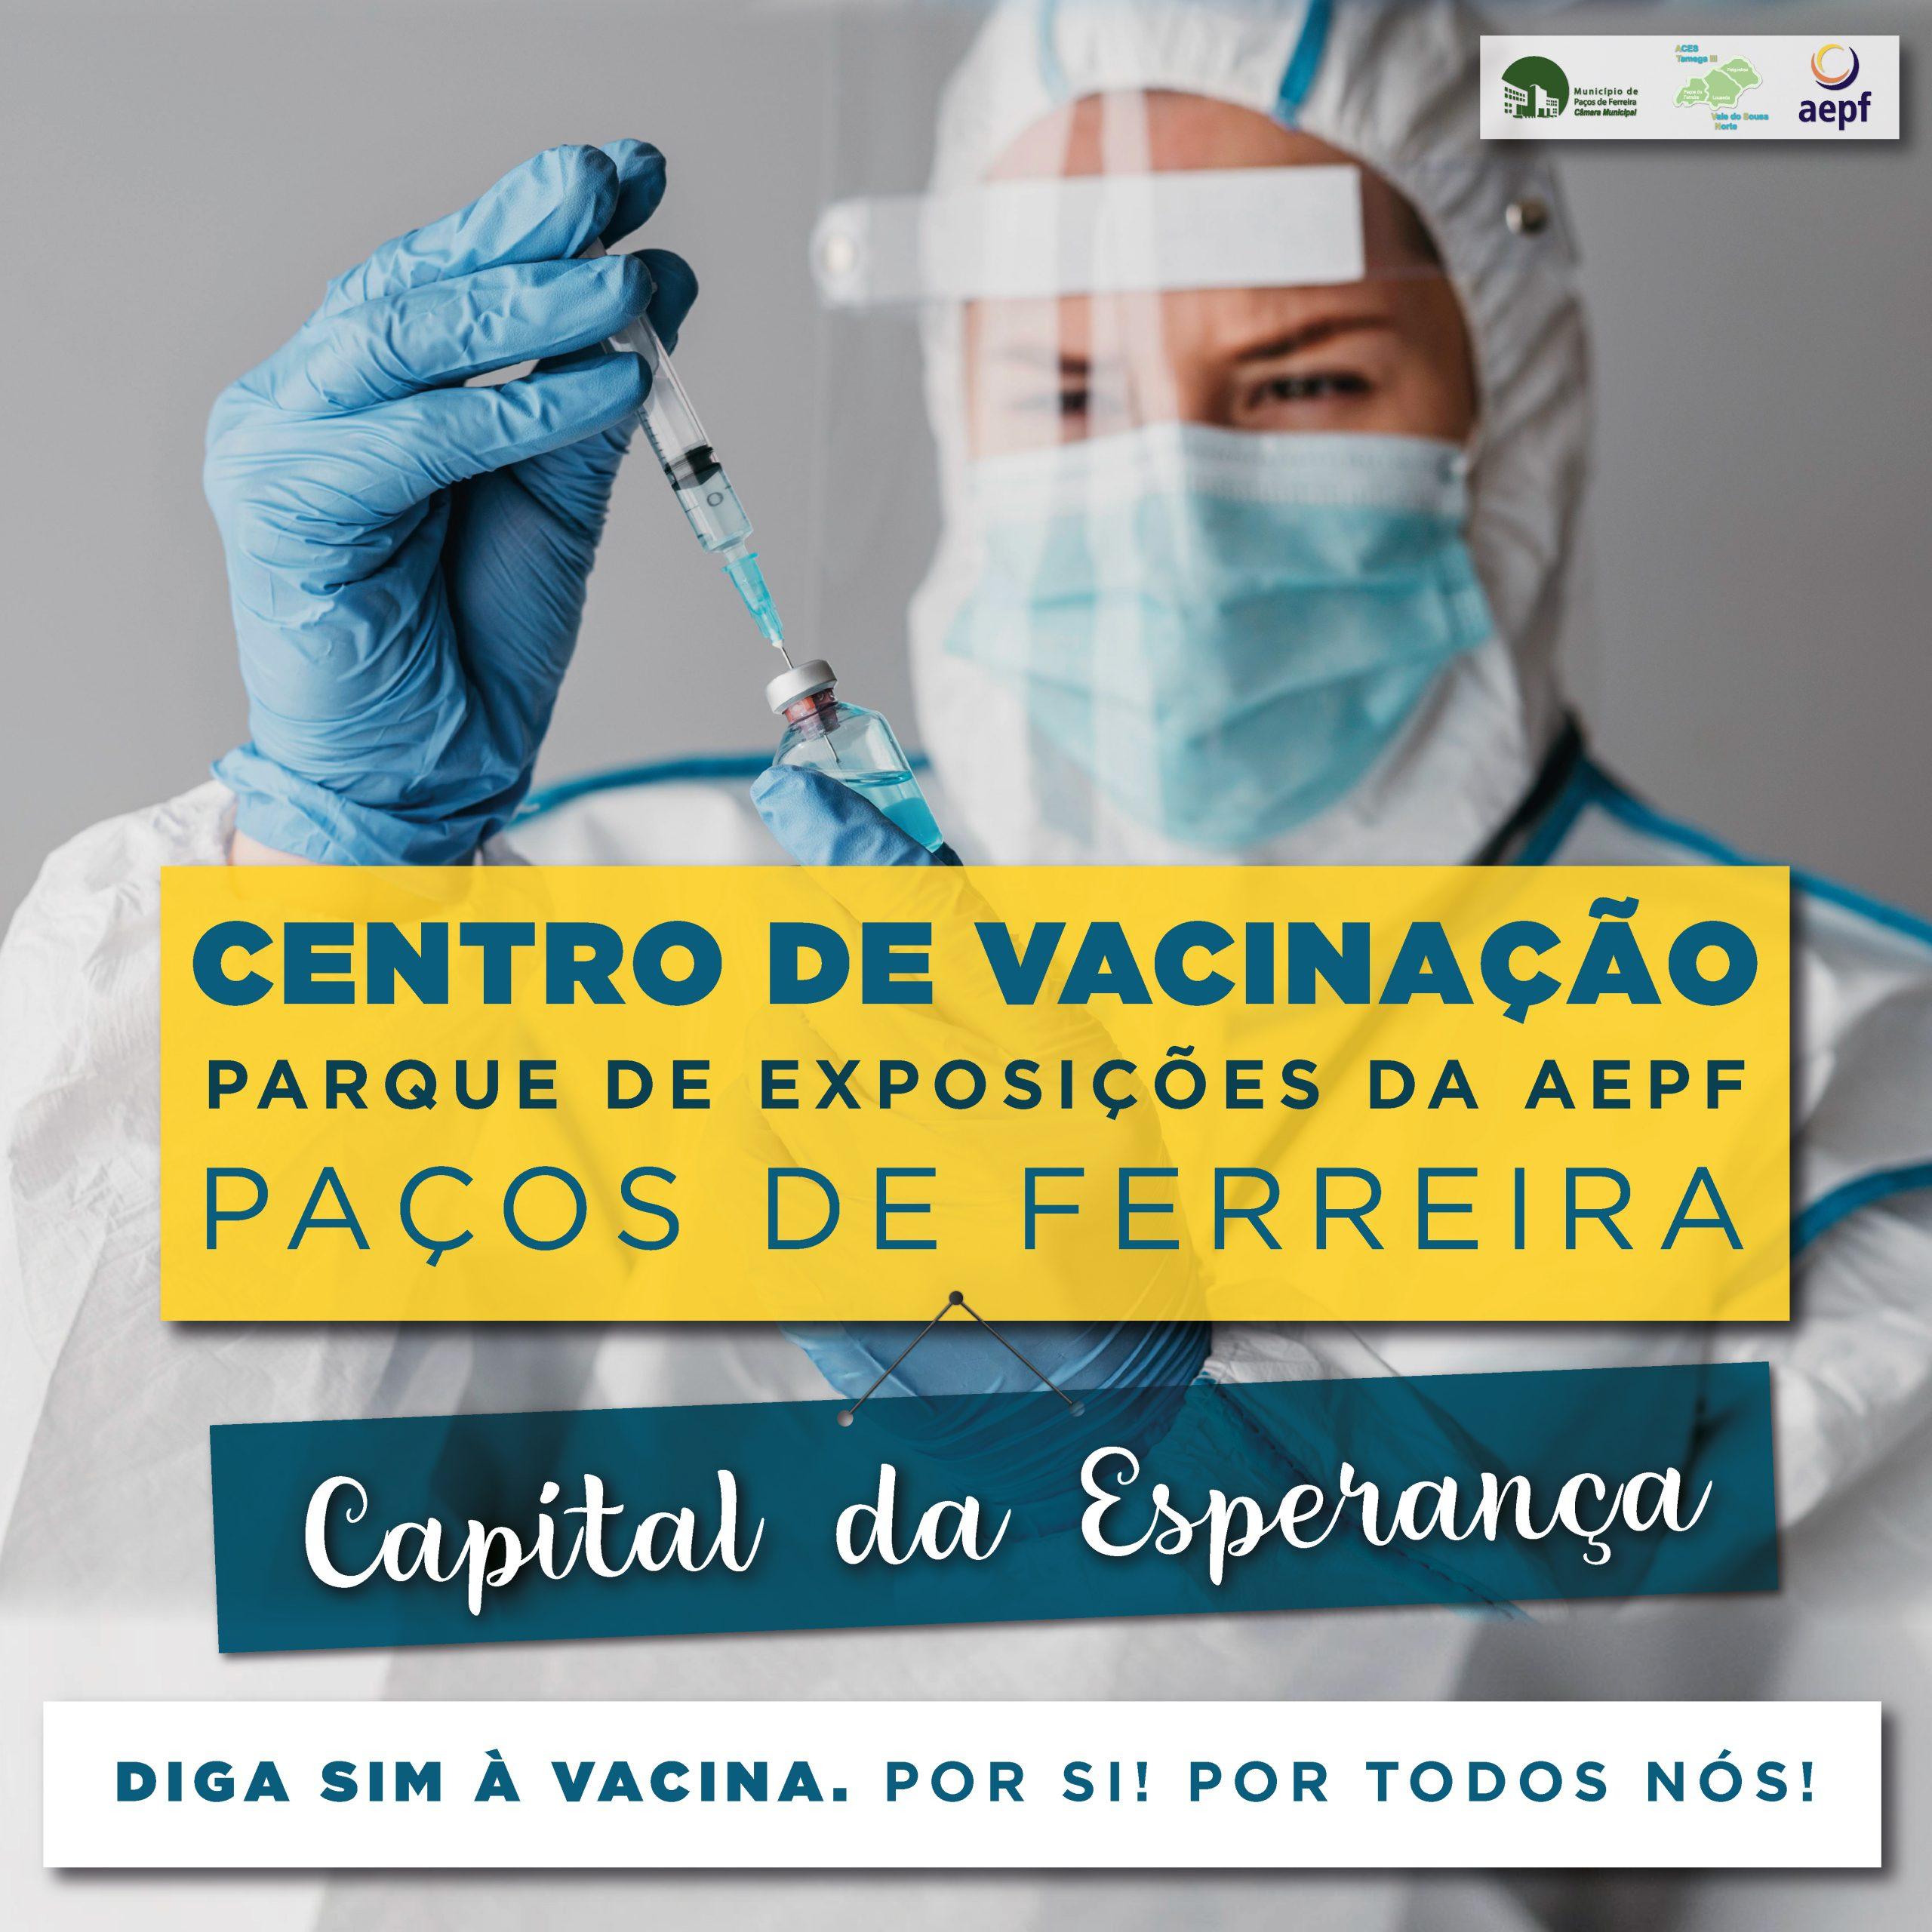 Centro de Vacinacao – Covid19